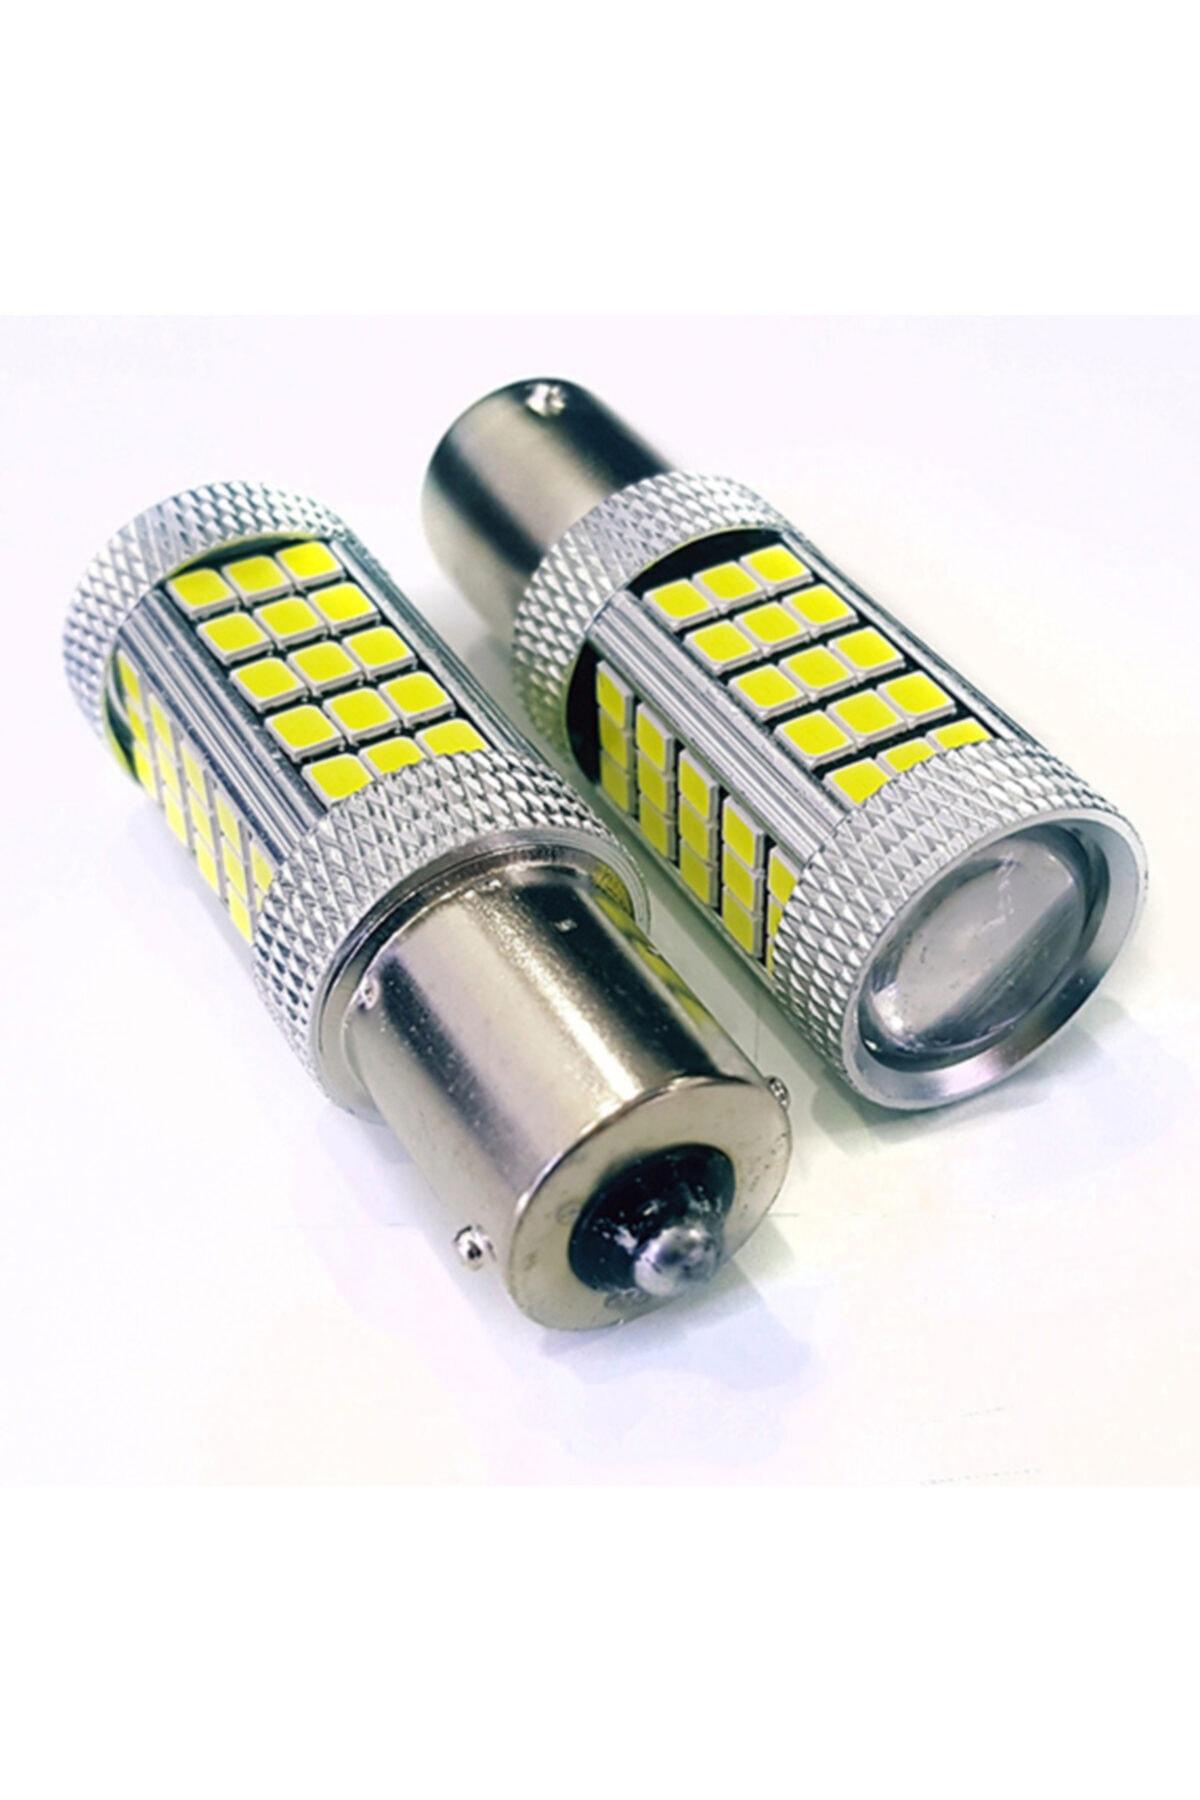 FEMEX Premium P21w-1156-9w- Tek Duy Dipli Led Ampul Beyaz Mercekli 2